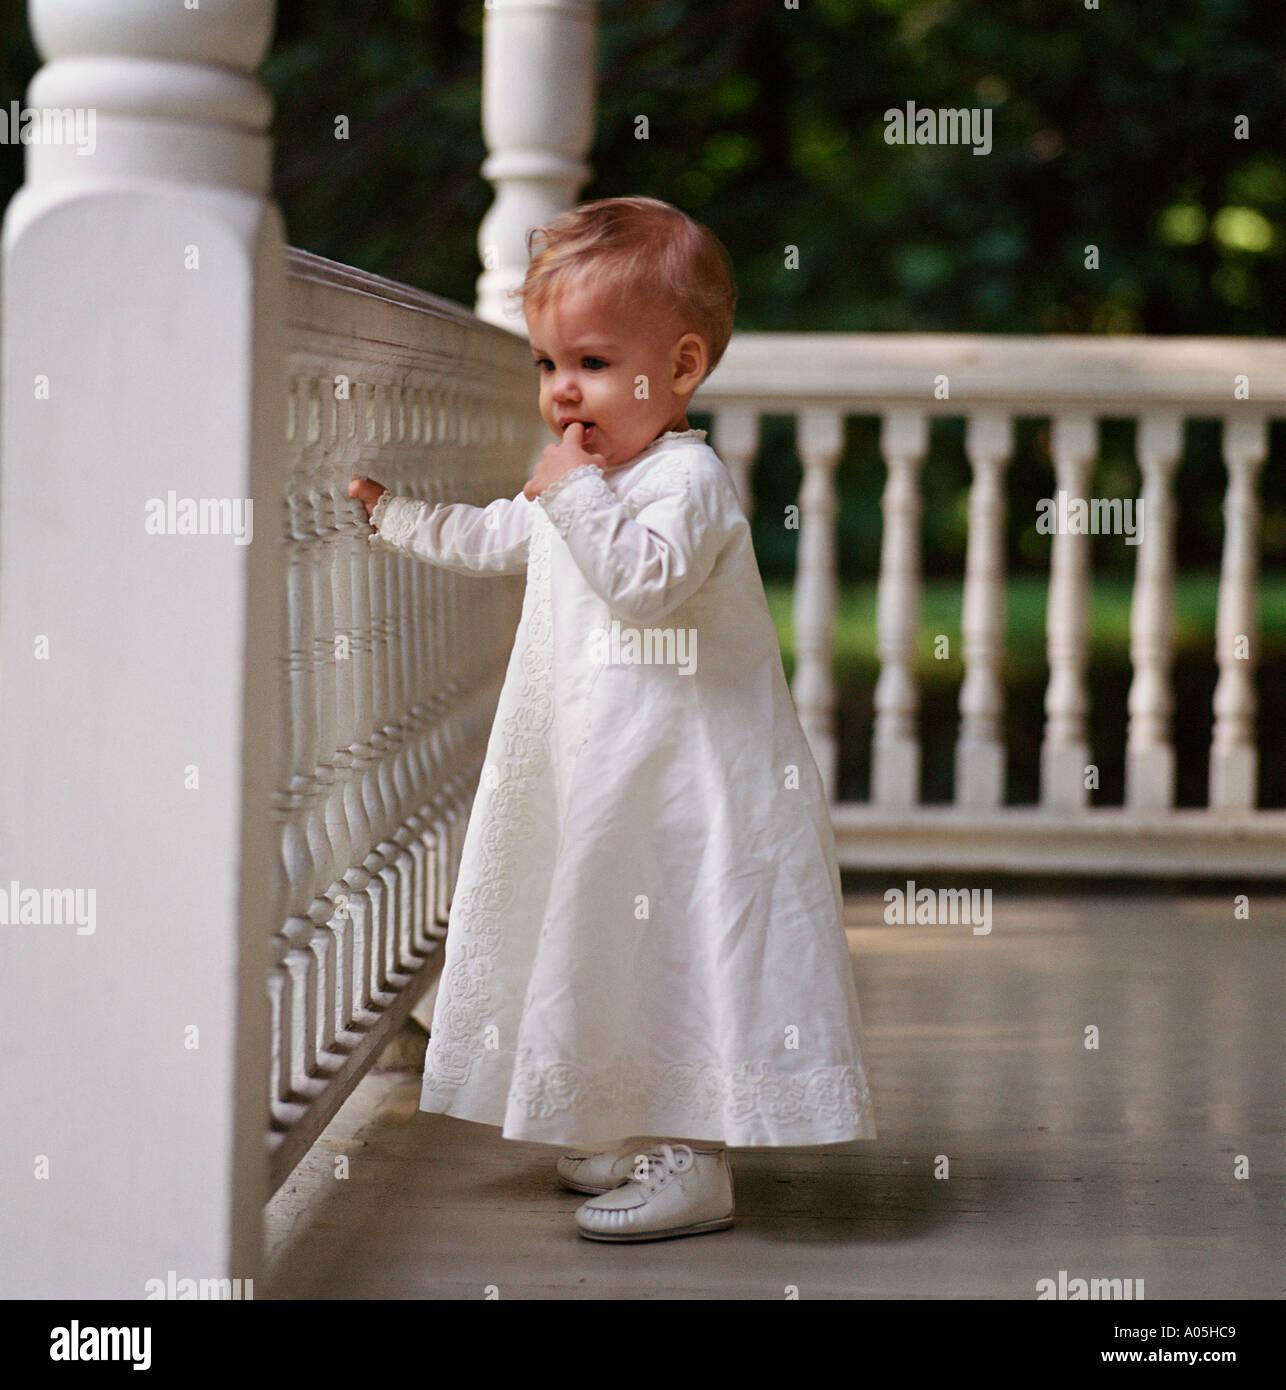 Blonde Toddler Girl